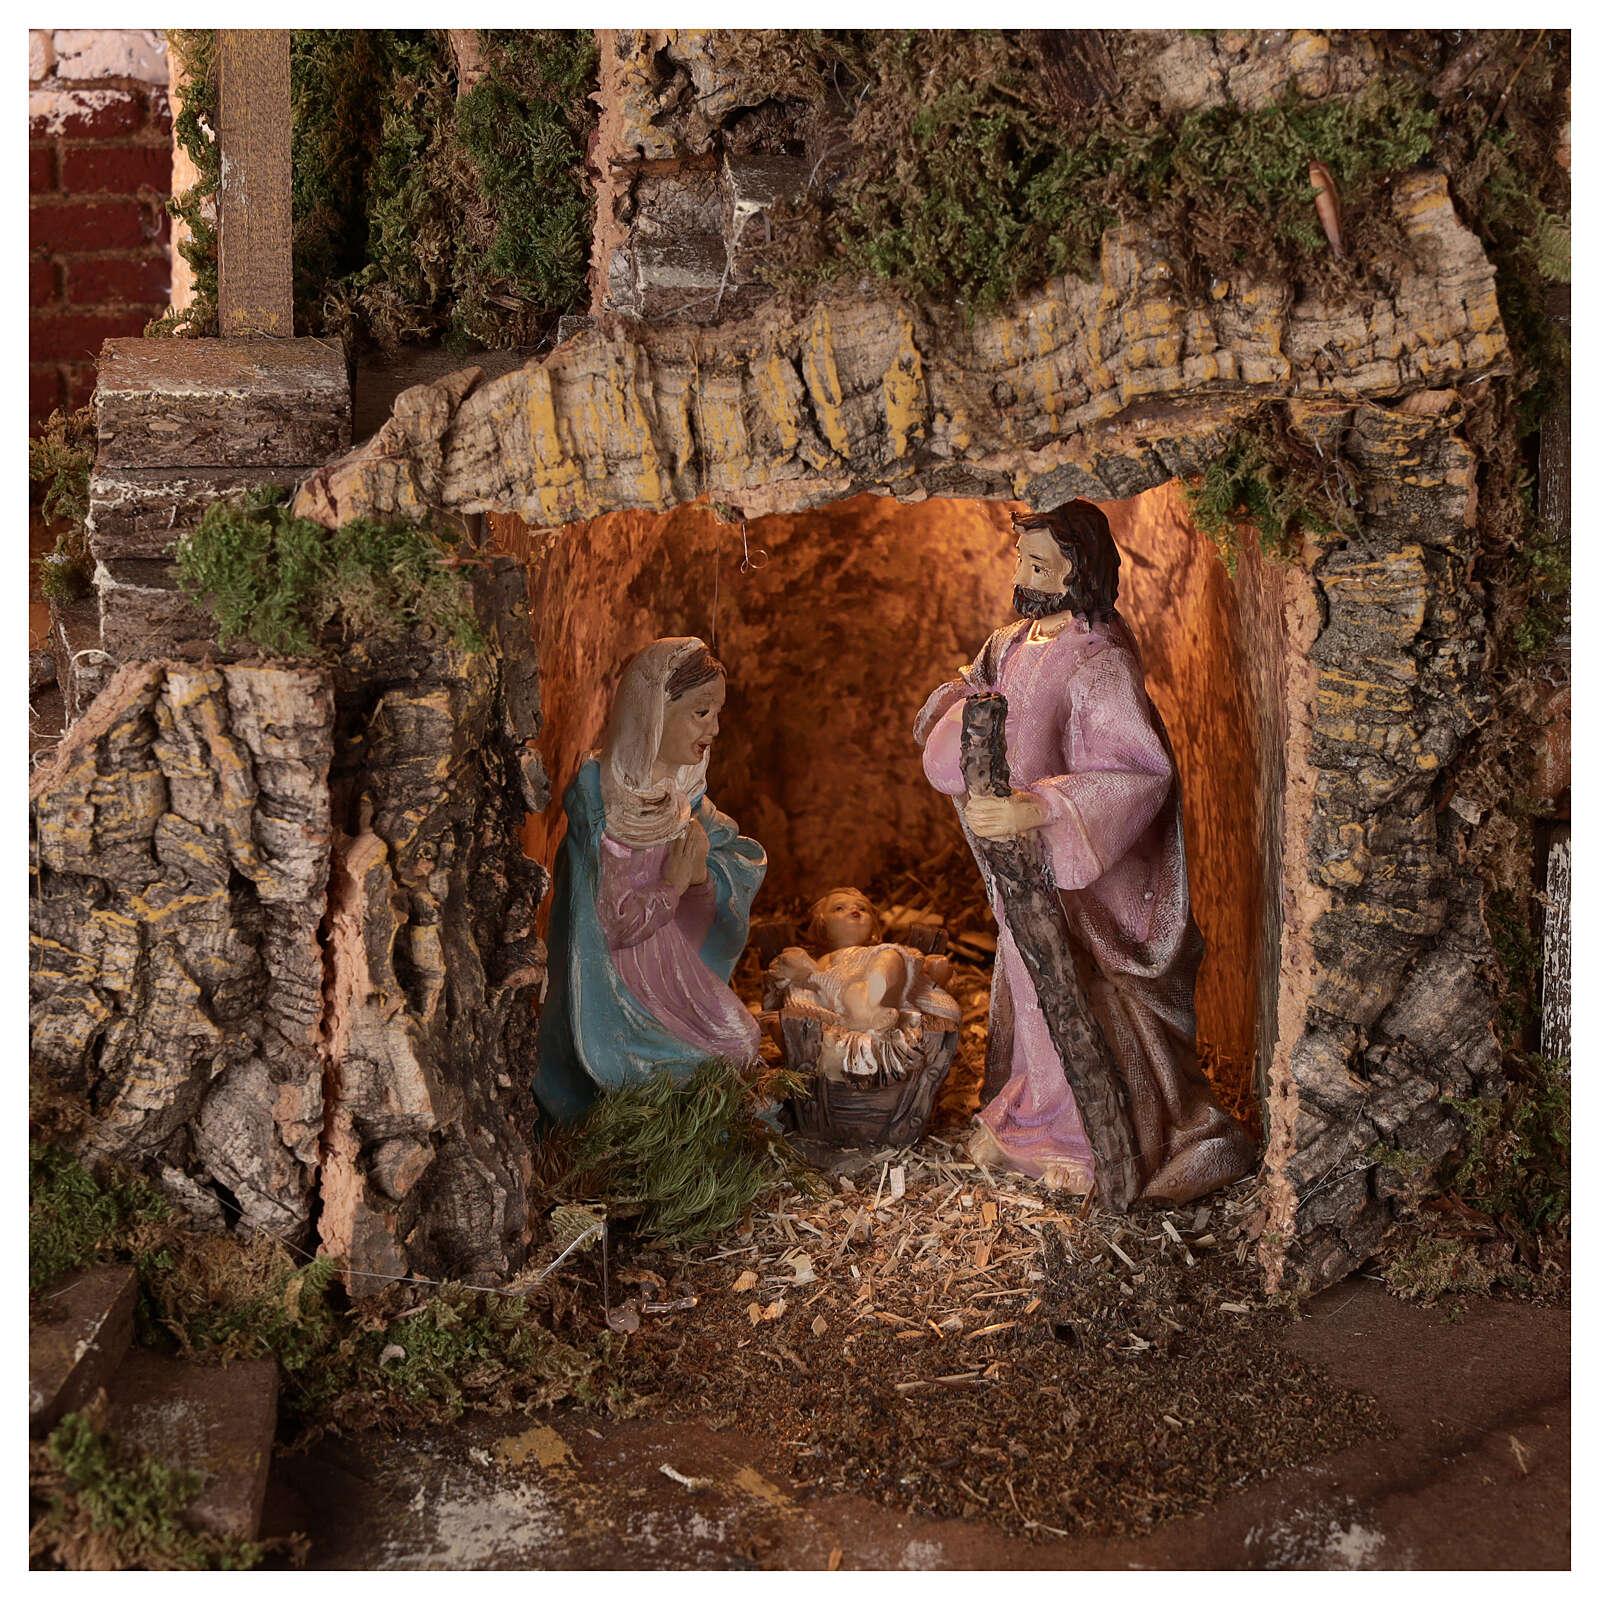 Borgo grotta Natività 10 cm casette montagna 40x45x30 4